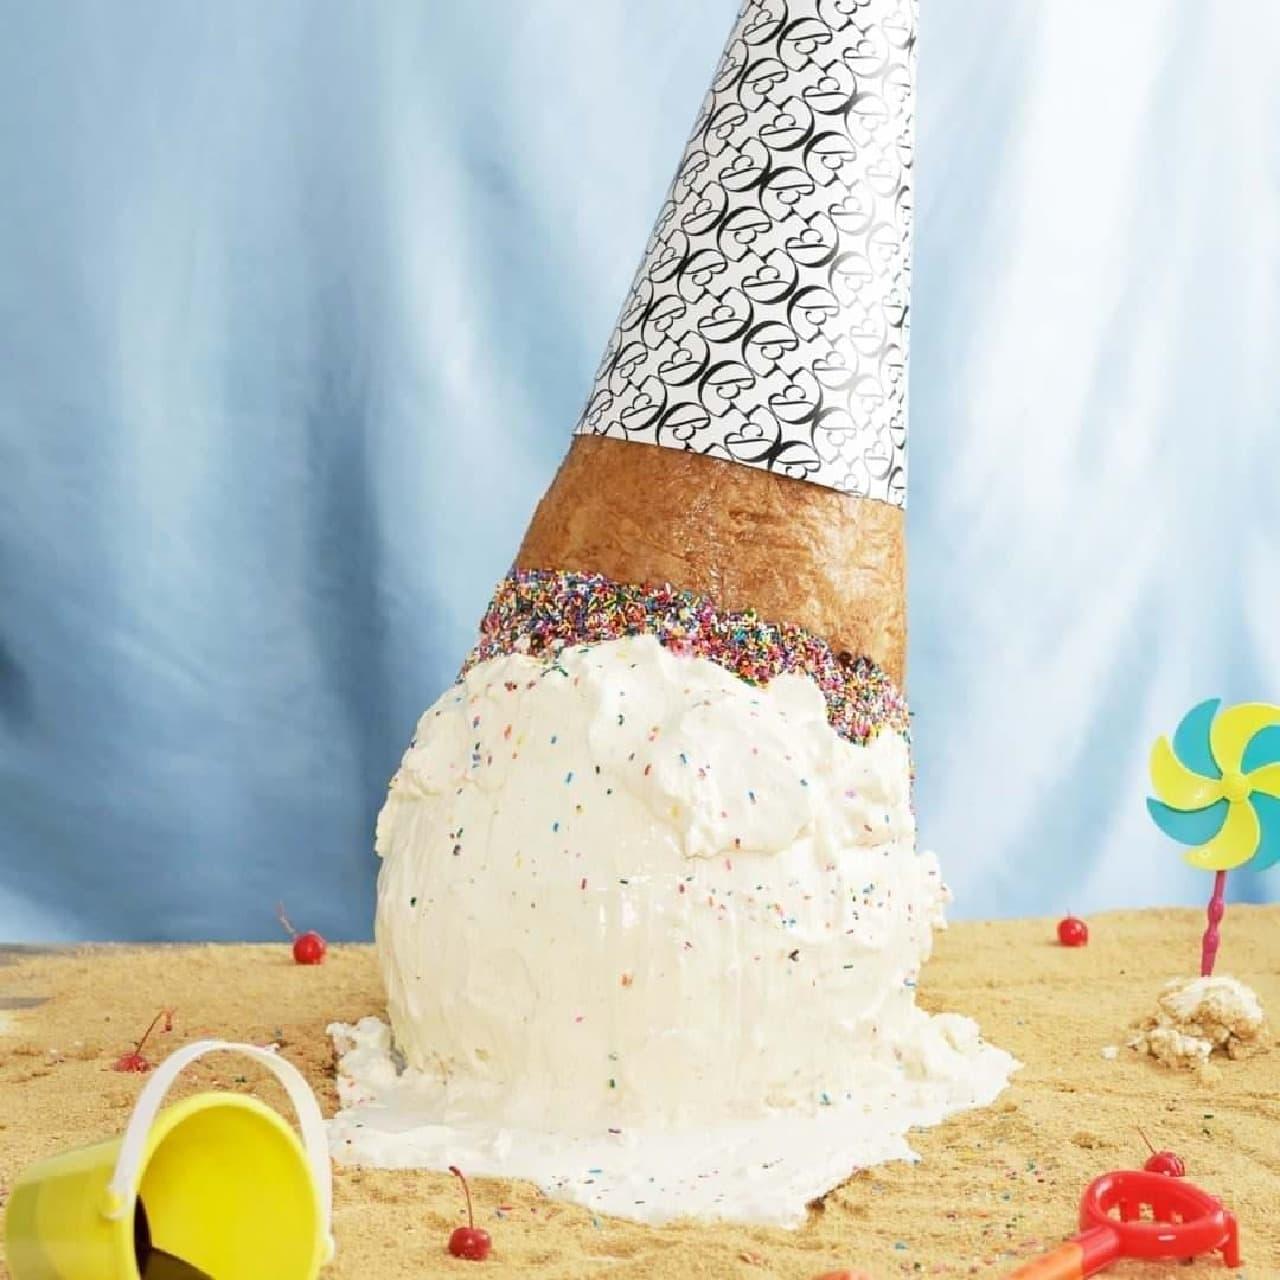 重さ11キロのアイスクリームデザート「しまった、アイス落としちゃった」